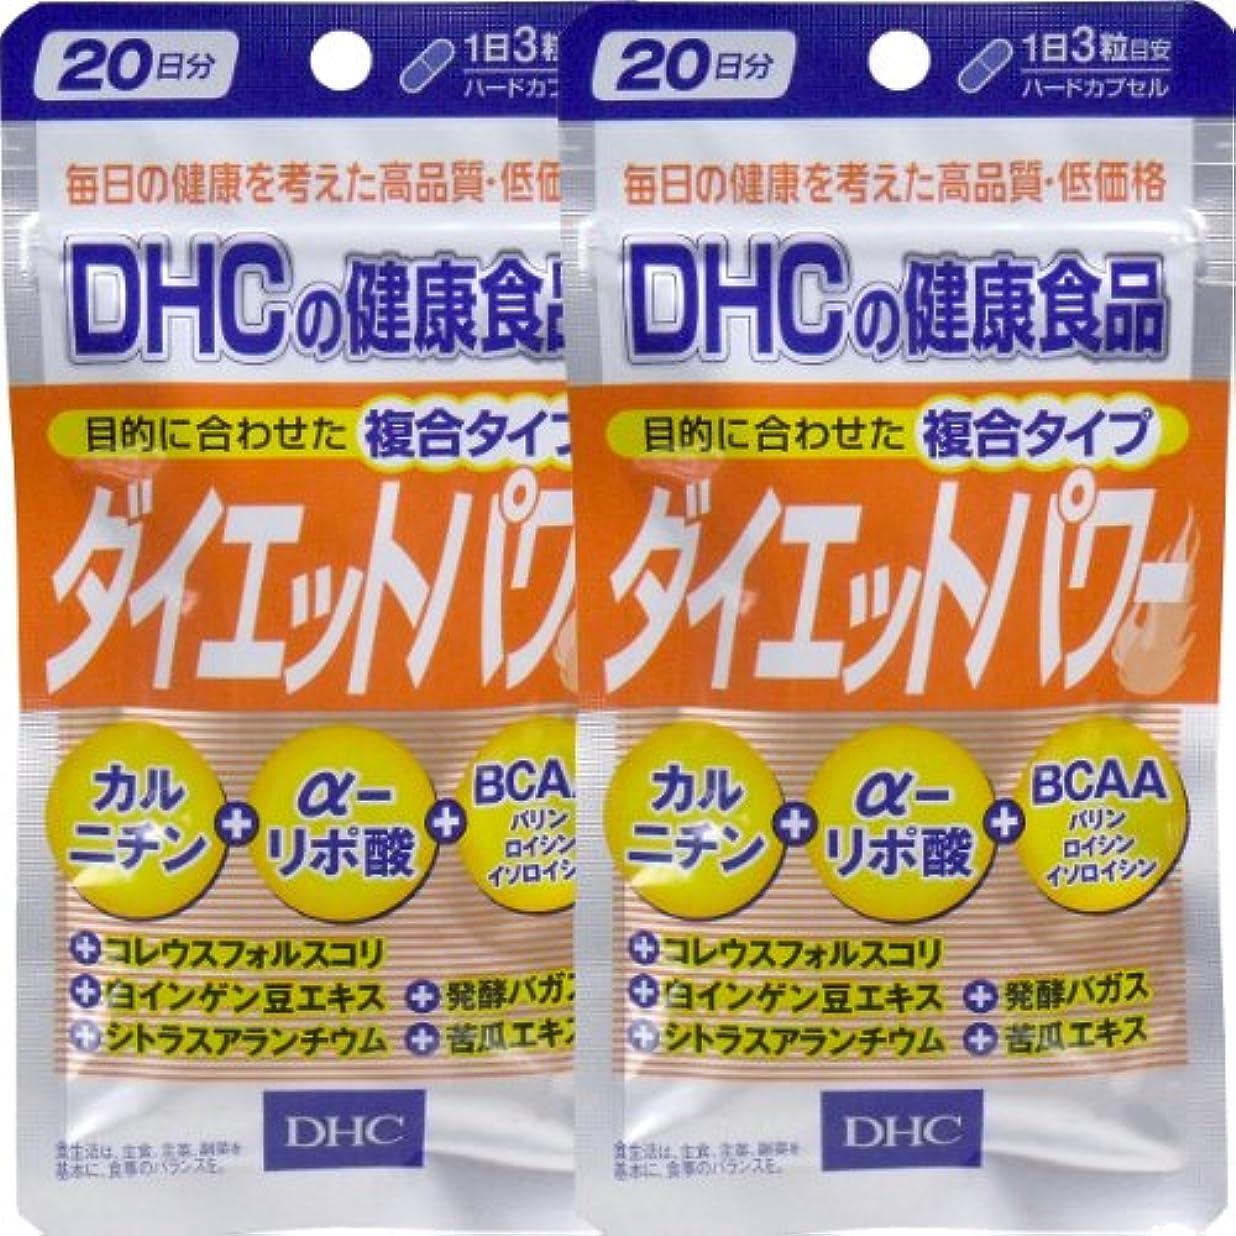 シリアル金額覆すDHC ダイエットパワー 20日分 60粒 ×2個セット